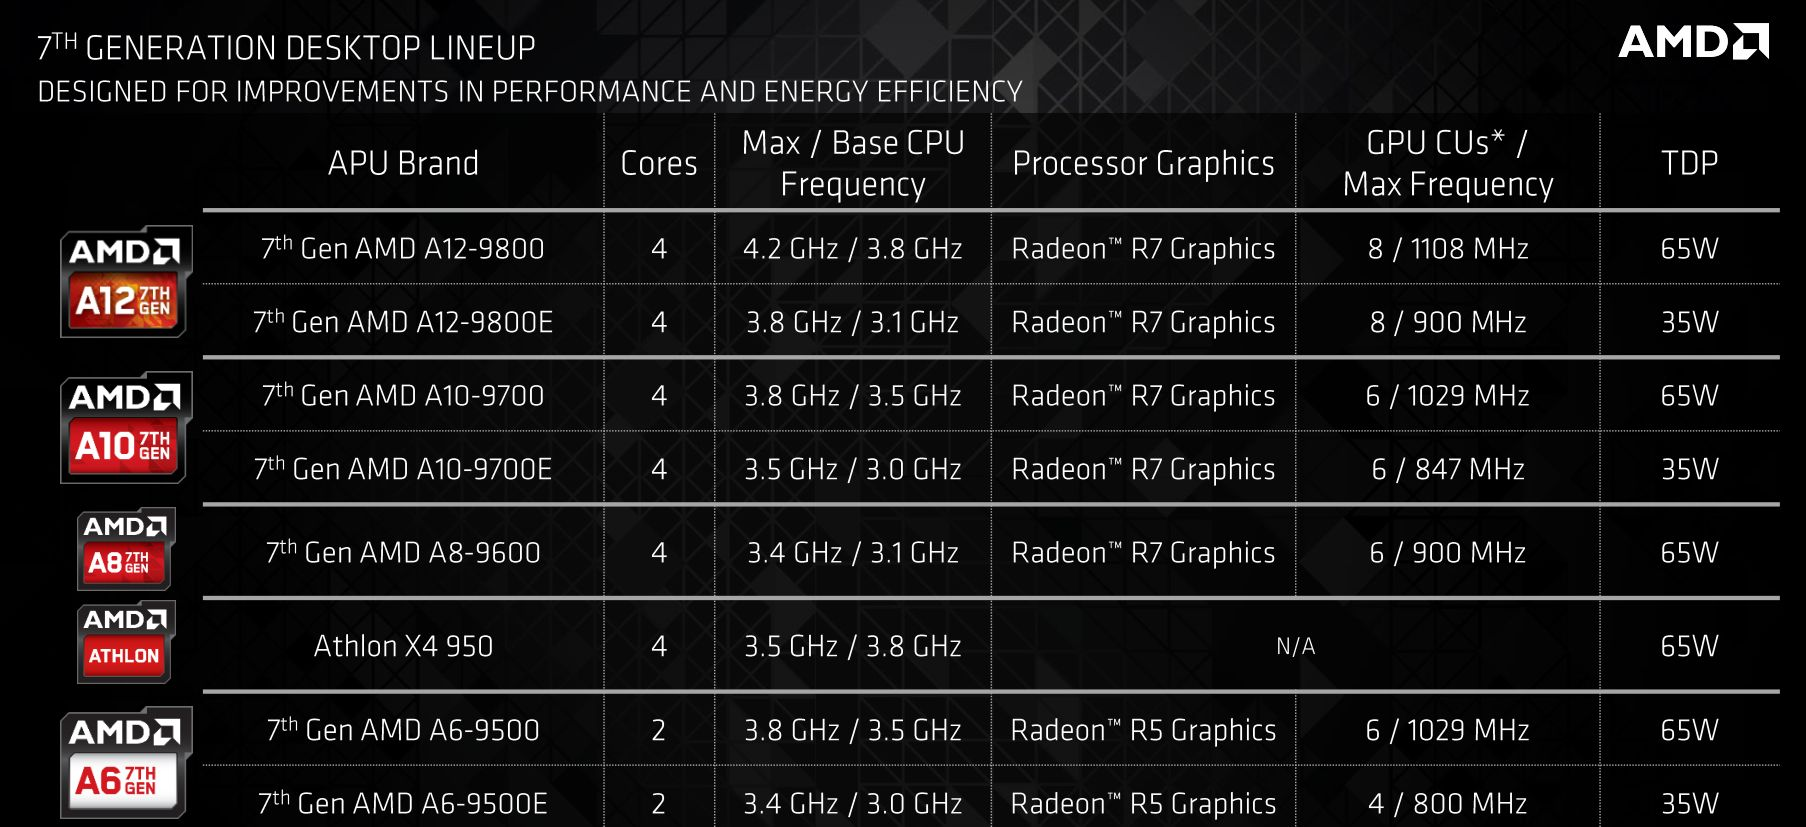 AMD7genAPU